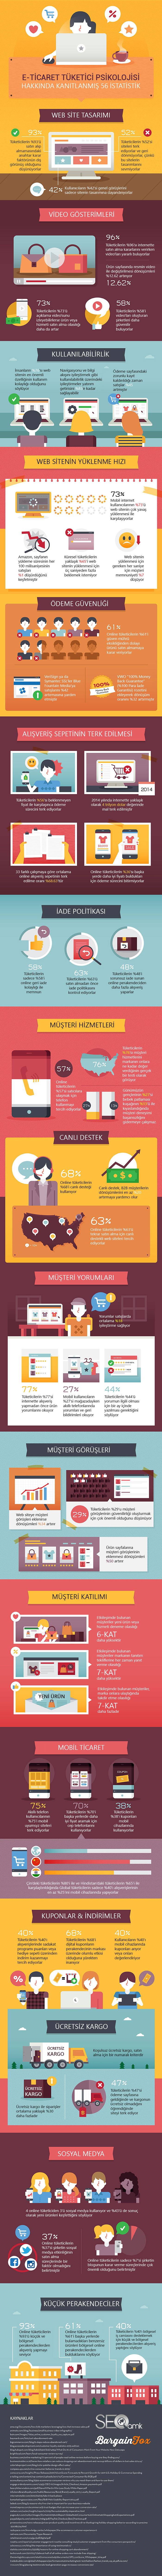 E-Ticaret Tüketici Psikolojisi Hakkında 56 İstatistik